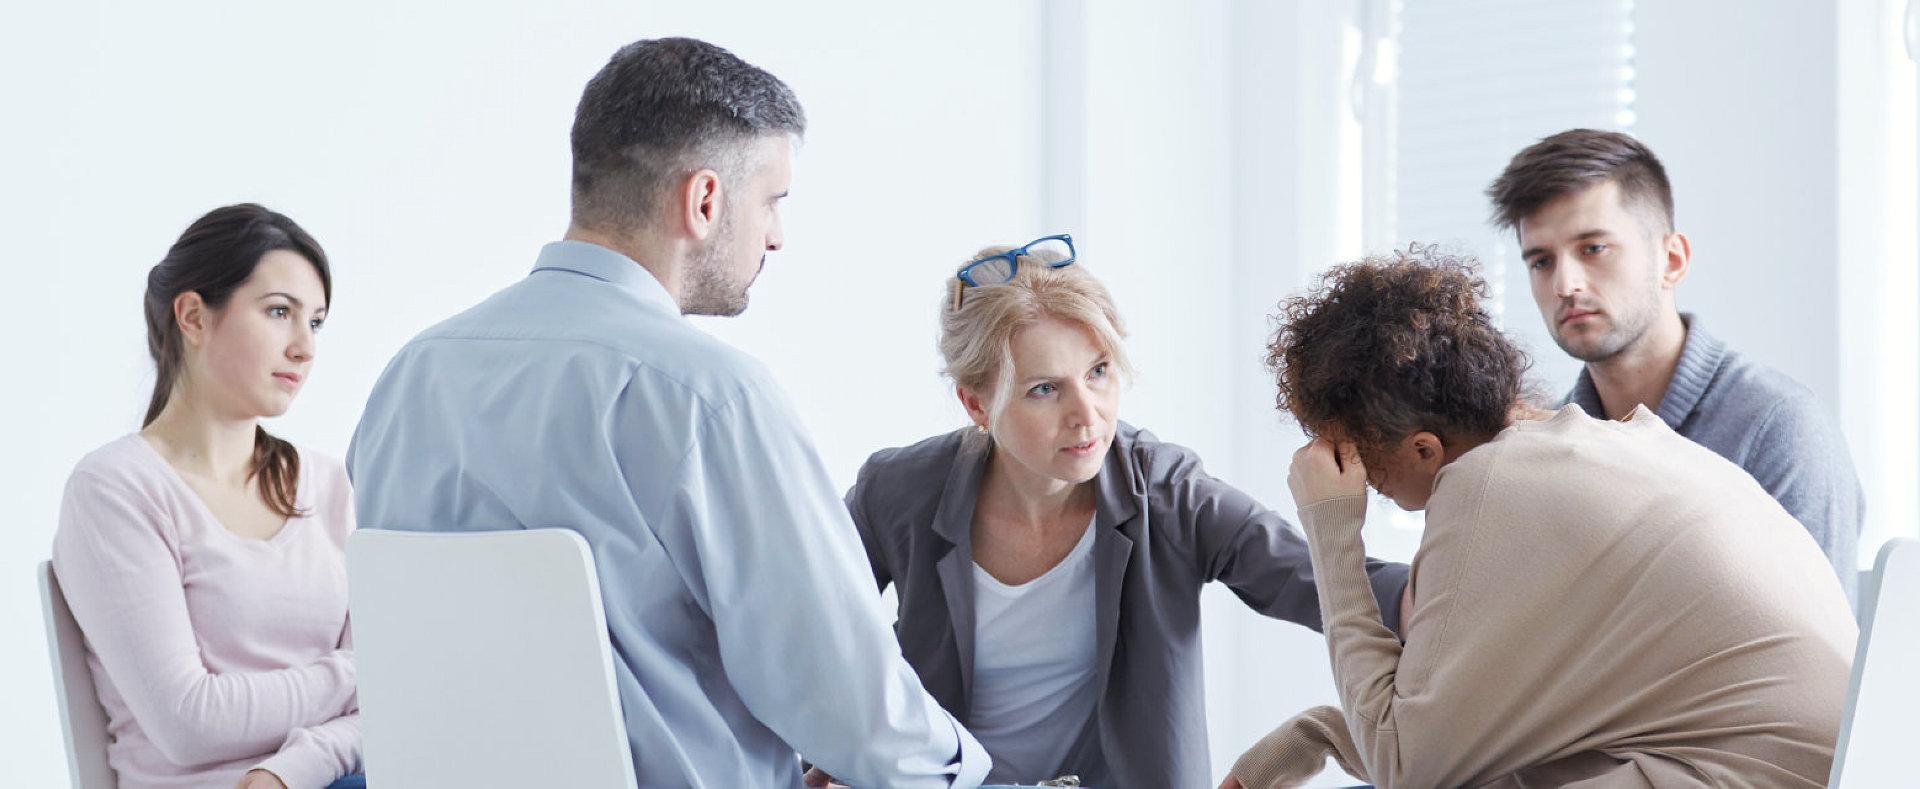 five people talking